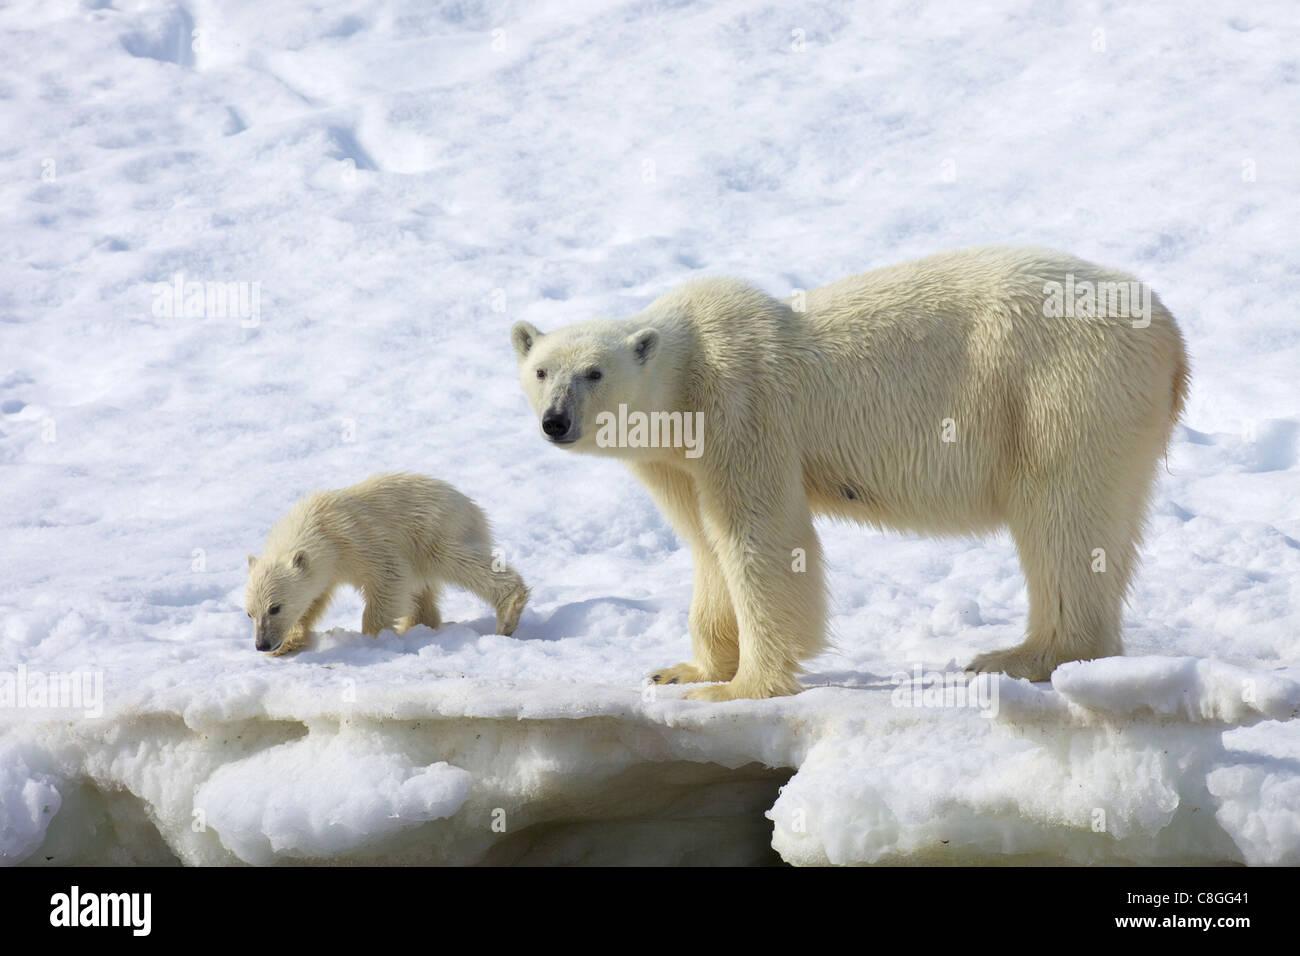 Orso polare madre e sei mesi di cub, Arctic estate, Holmiabukta, Nord Spitzbergen, Svalbard, Norvegia Immagini Stock